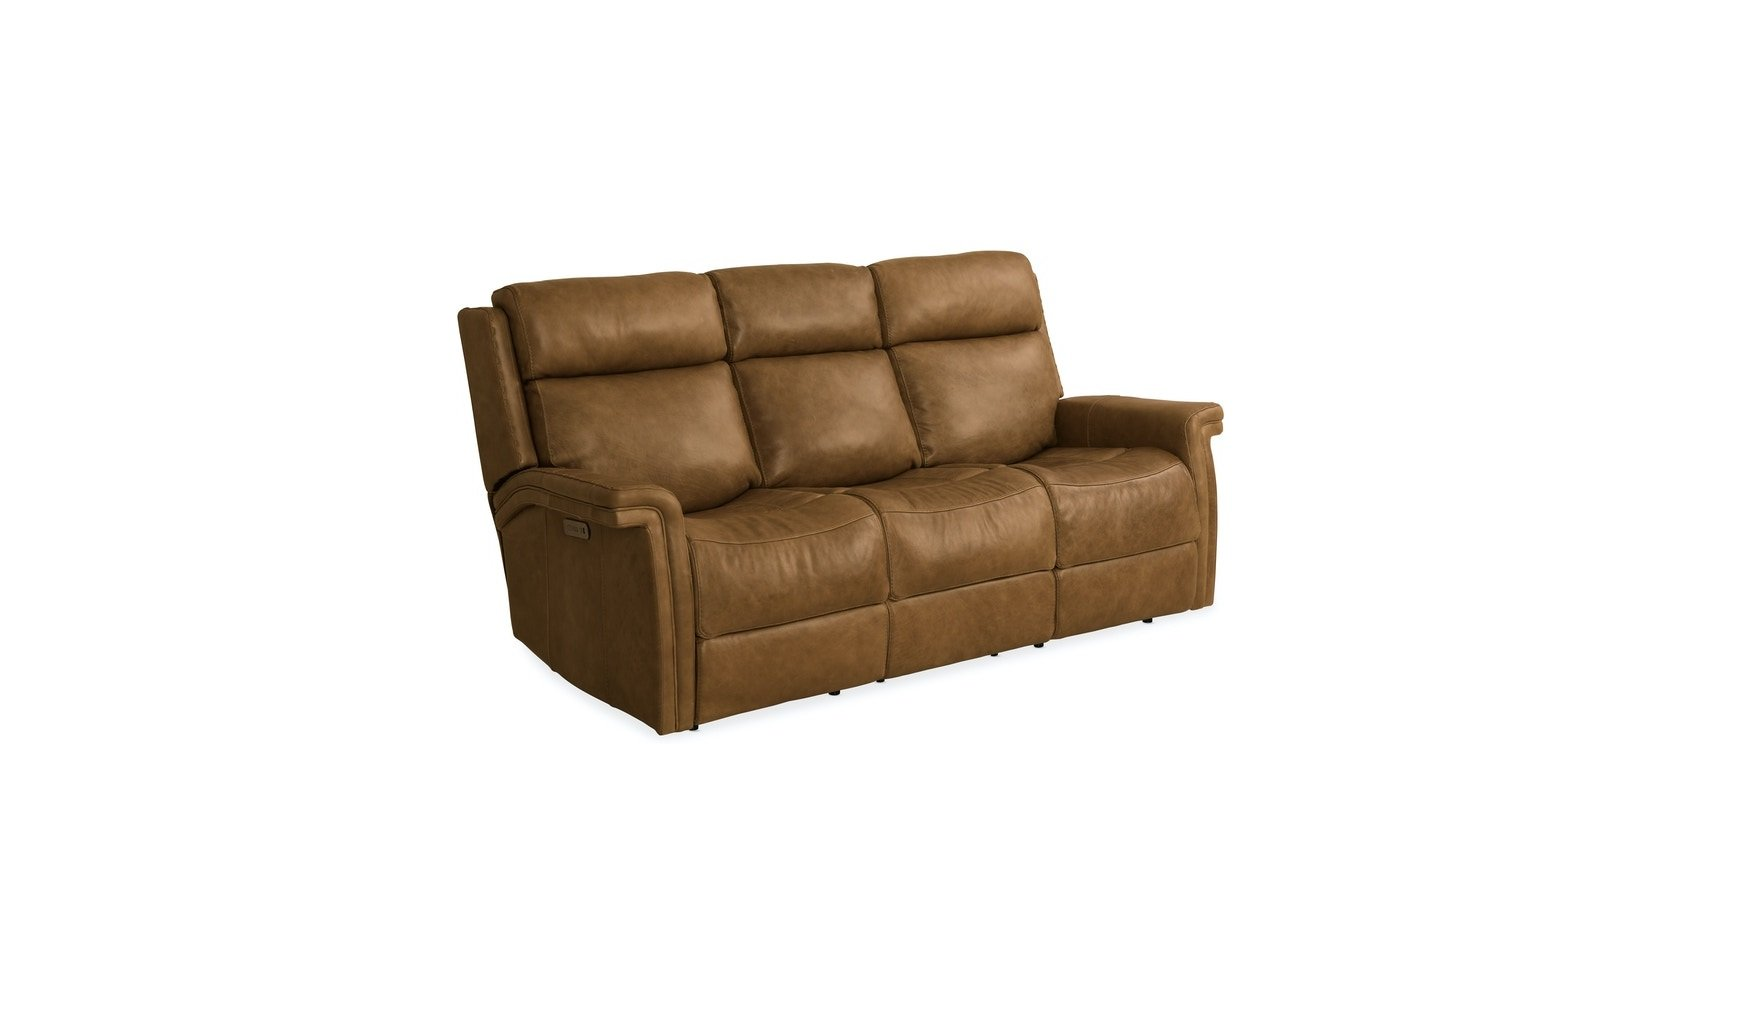 Hooker Furniture Living Room Poise Power Recliner Sofa w/ Power Headrest